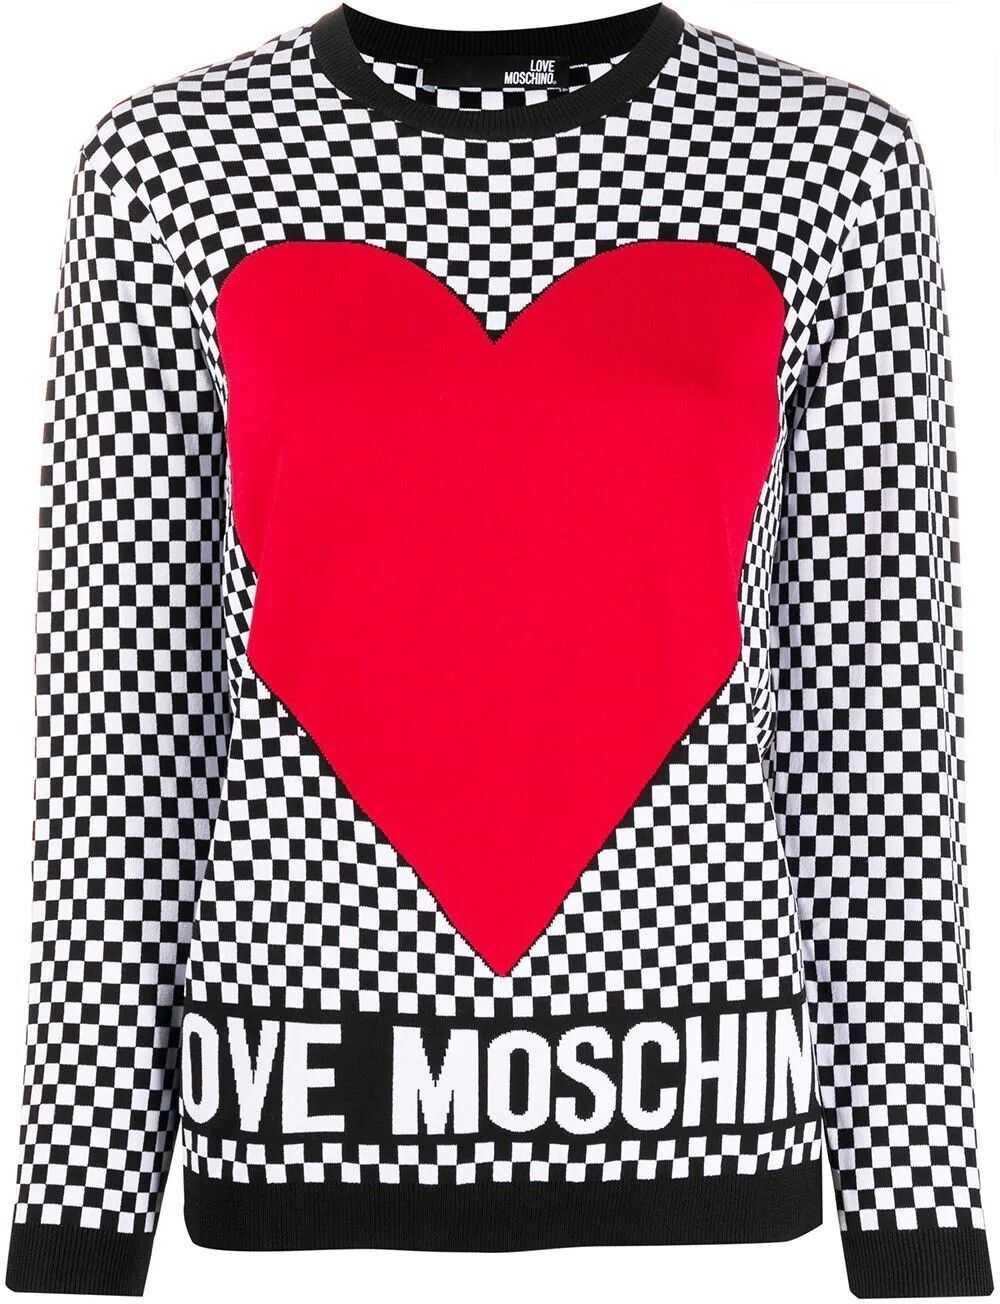 LOVE Moschino Viscose Sweater WHITE